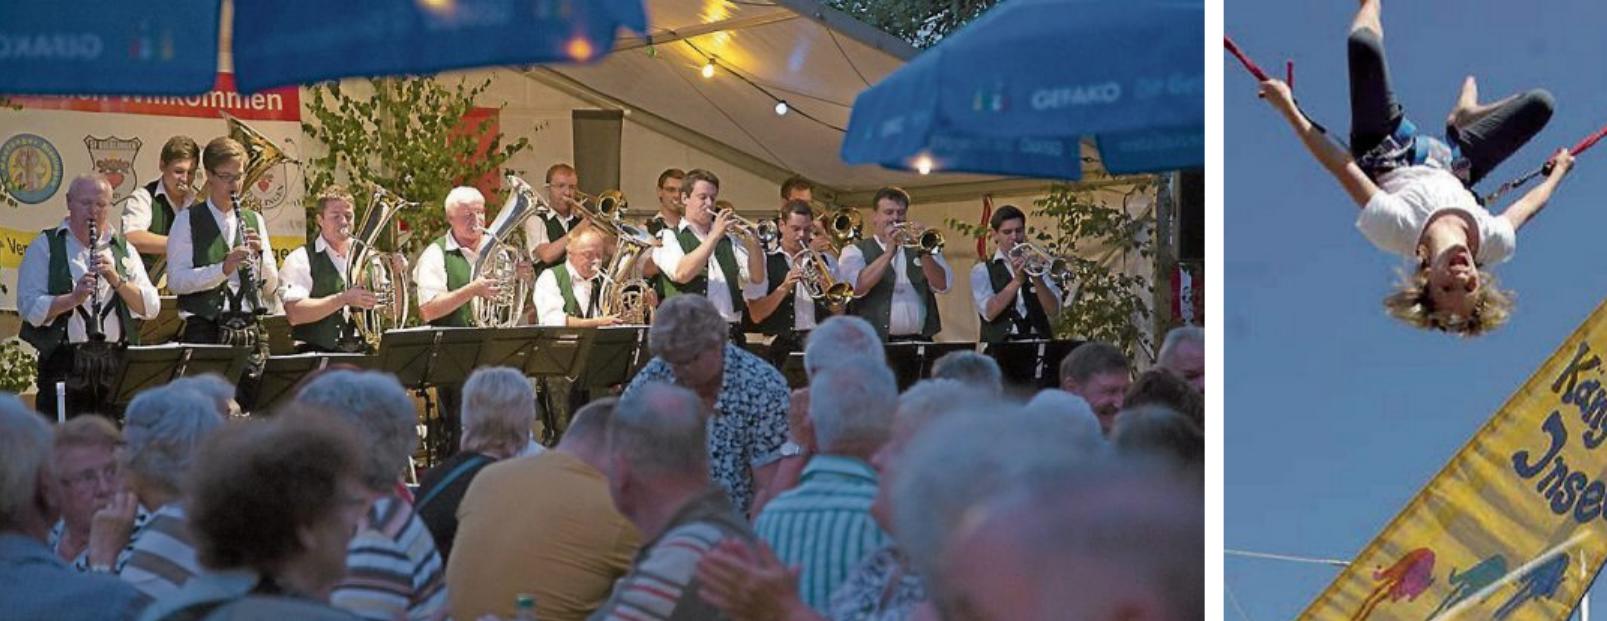 Das Starzach-Fest bietet für Jung und Alt ein attraktives Programm. Archivbilder: Gunar Haid/Gemeinde Starzach